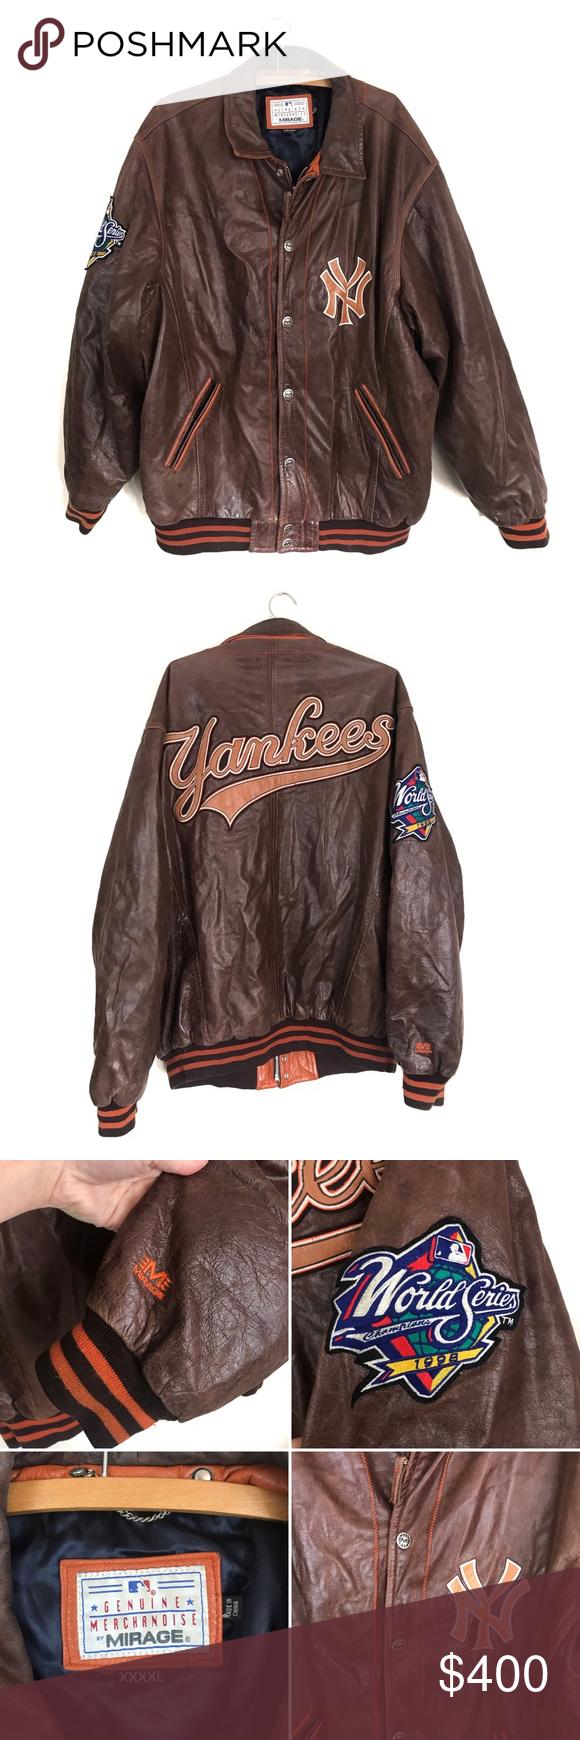 1998 Yankees World Series Leather Jacket Xxxxl Yankees 1998 World Series Champions Brown Leather Jacke Leather Jacket Brown Leather Jacket Yankees World Series [ 1740 x 580 Pixel ]